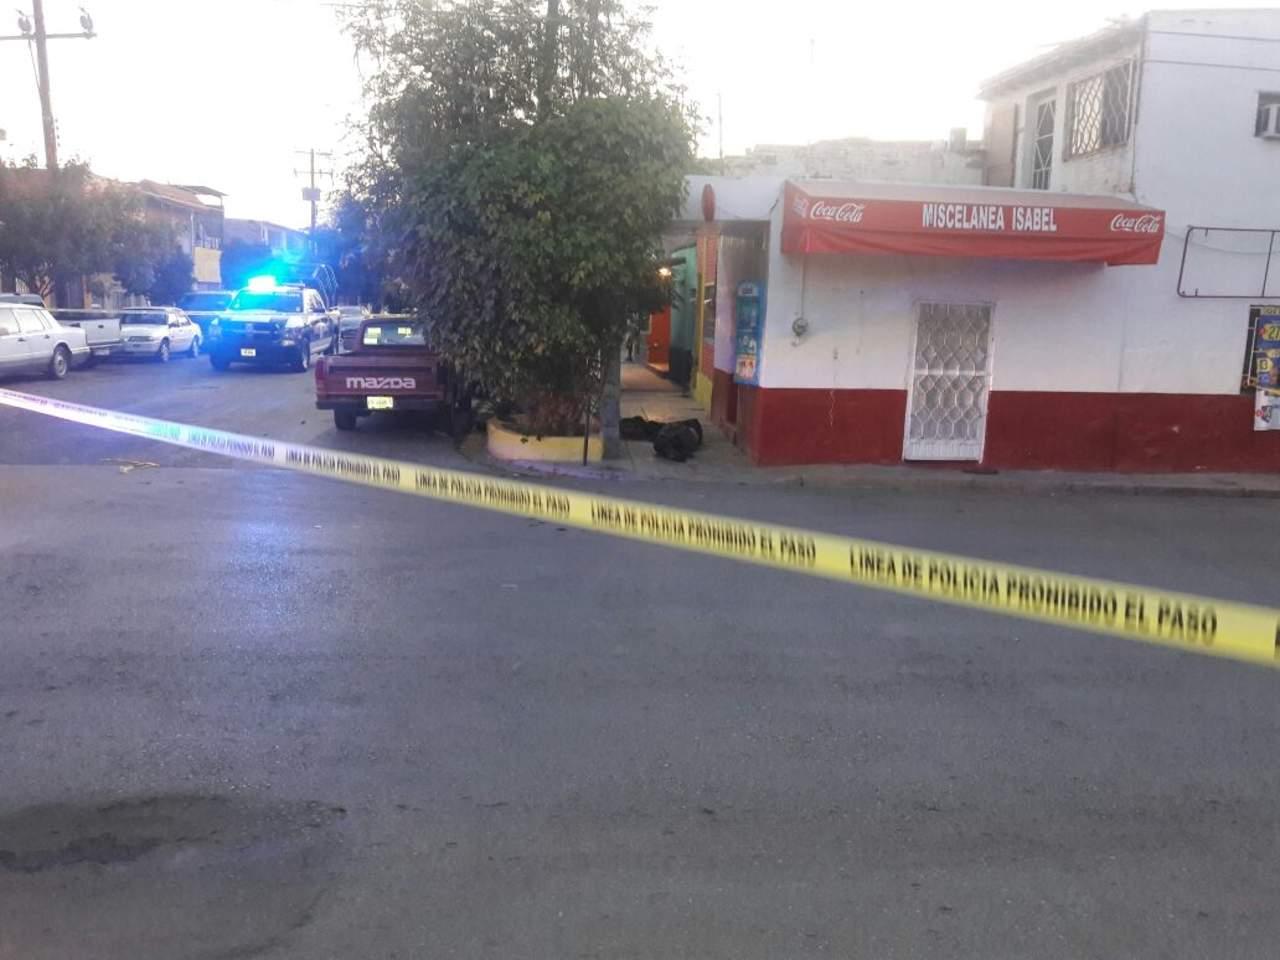 Queda identificada mujer encontrada muerta en el Centro de Gómez Palacio